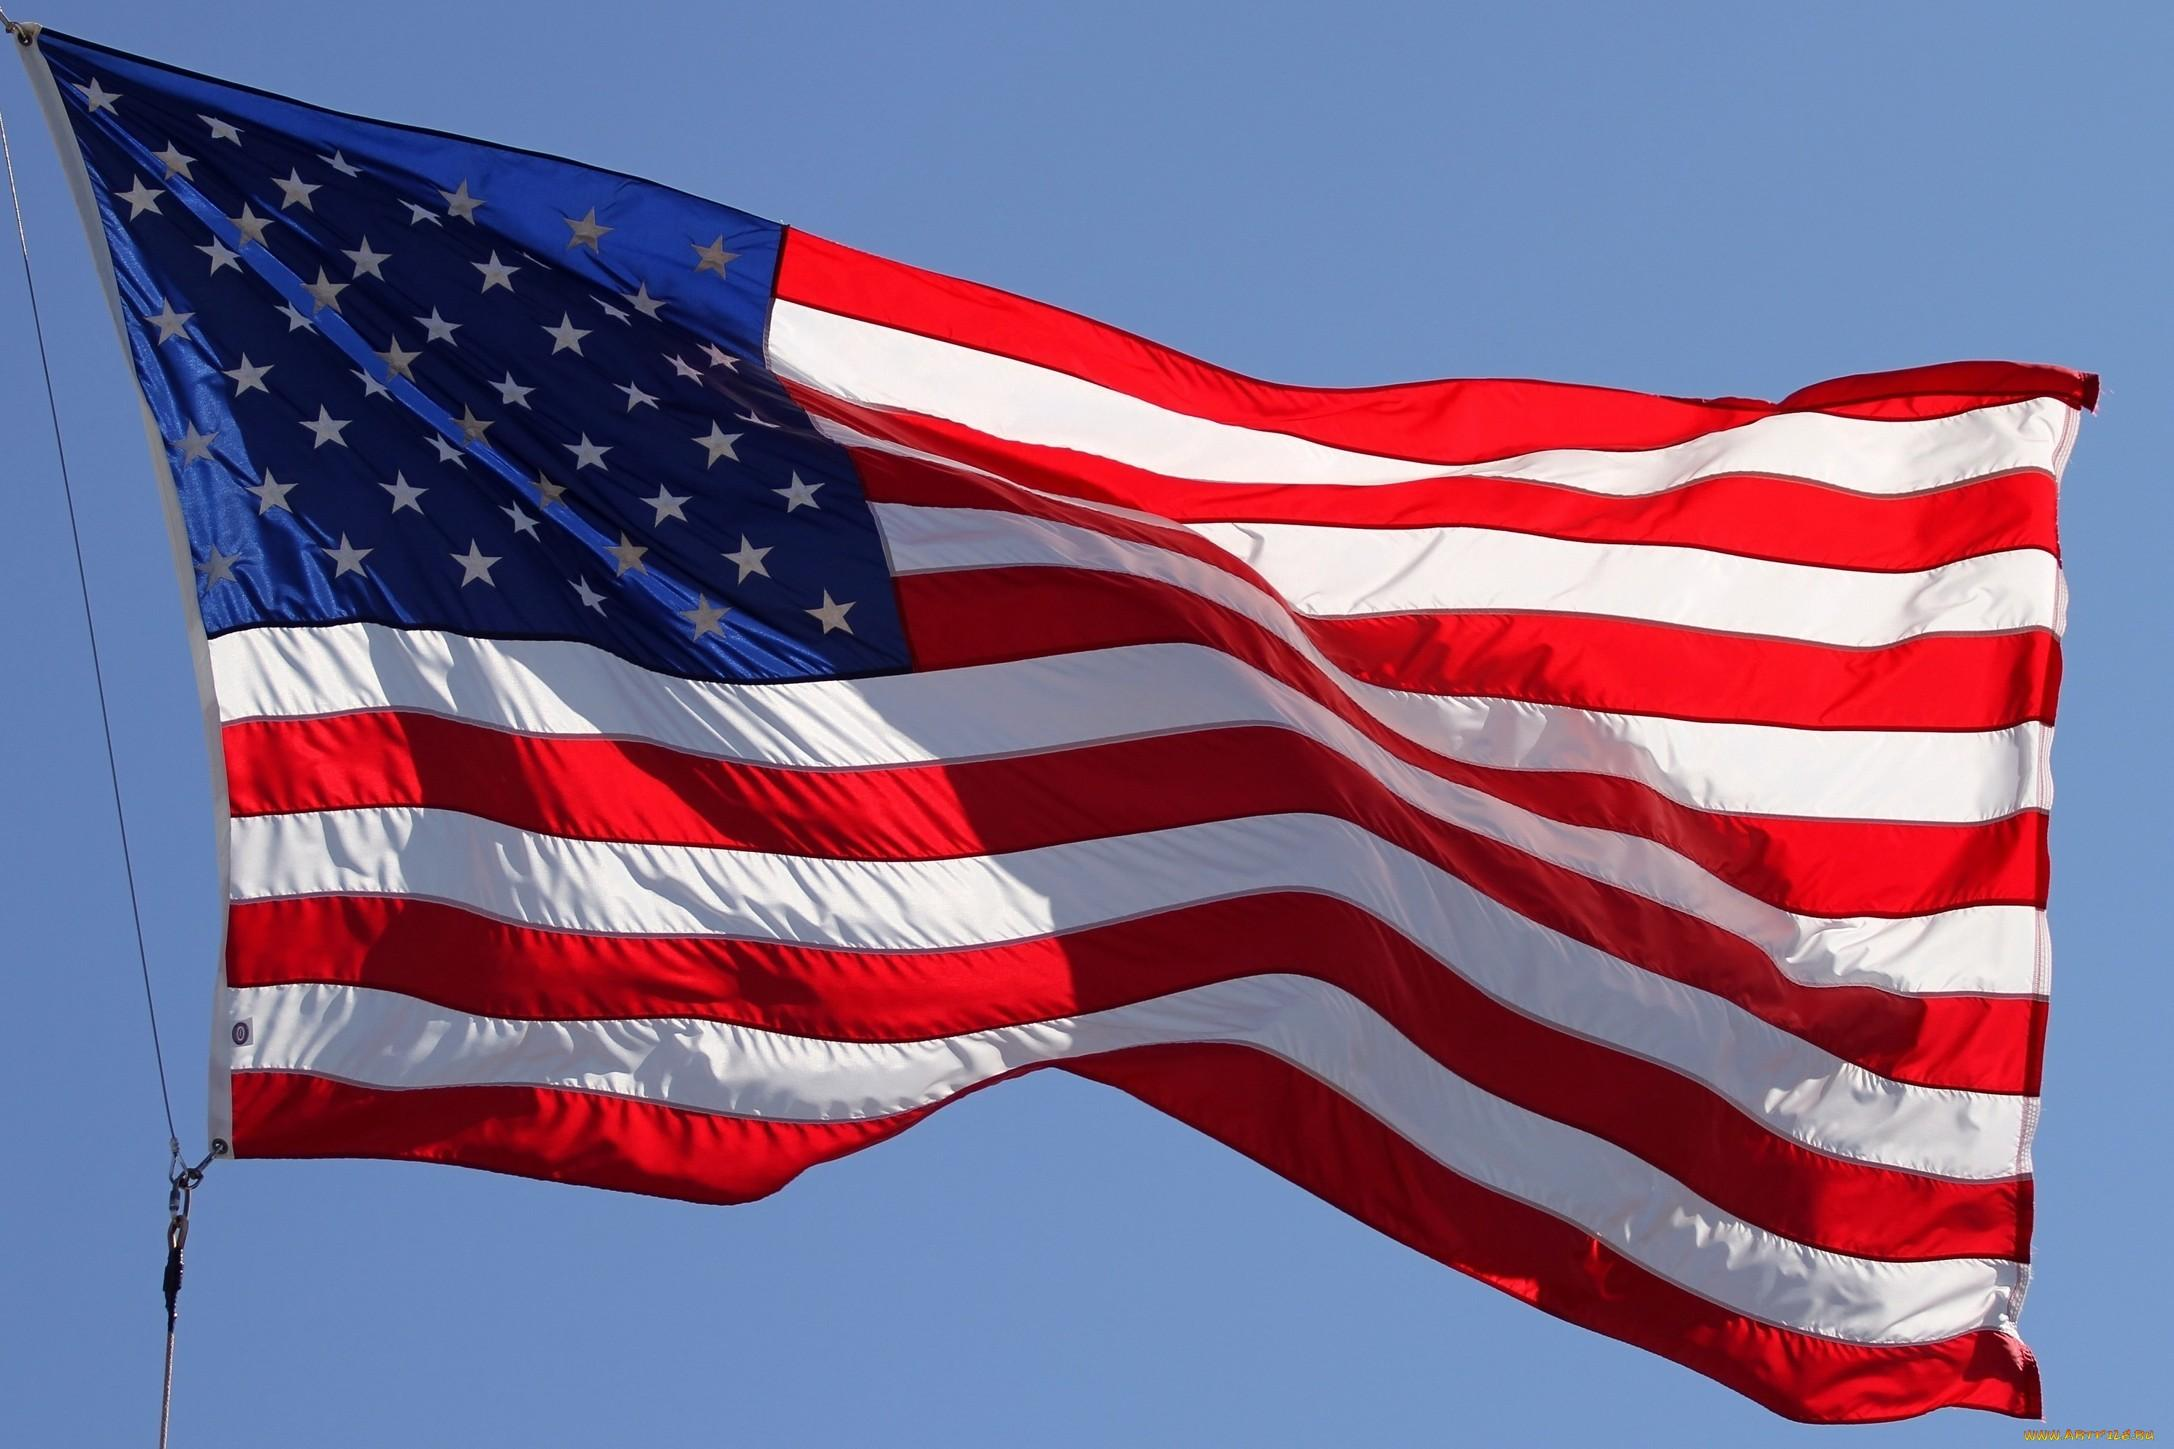 Посольство США прокомментировало вопрос восстановления связей минобороны Азербайджана с Пентагоном